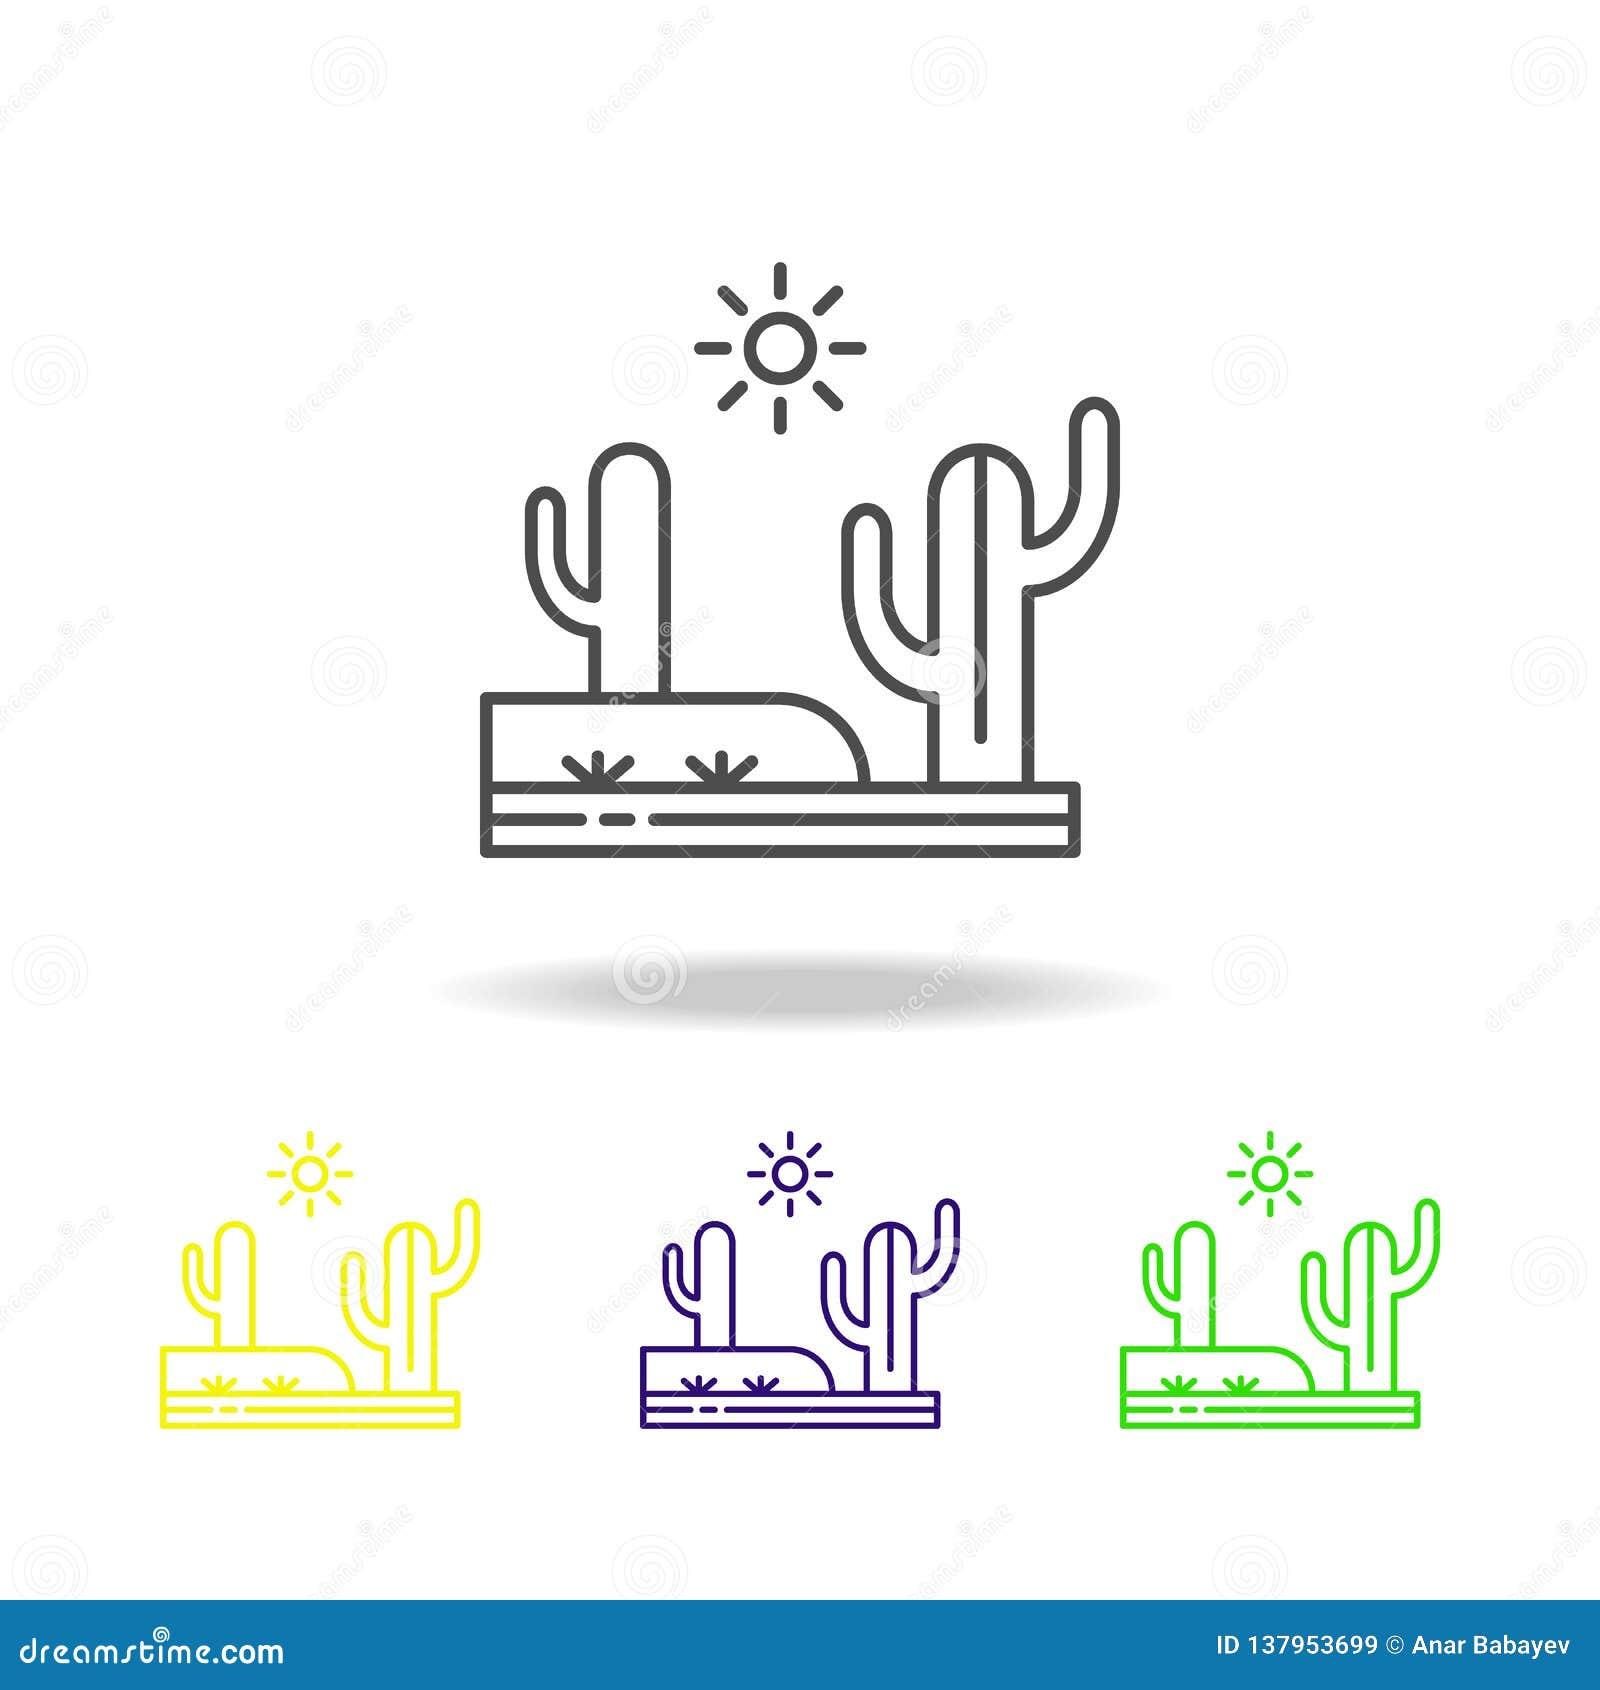 Kaktus, Wüste, heiße, sonnige farbige Ikone Kann für Netz, Logo, mobiler App, UI, UX verwendet werden